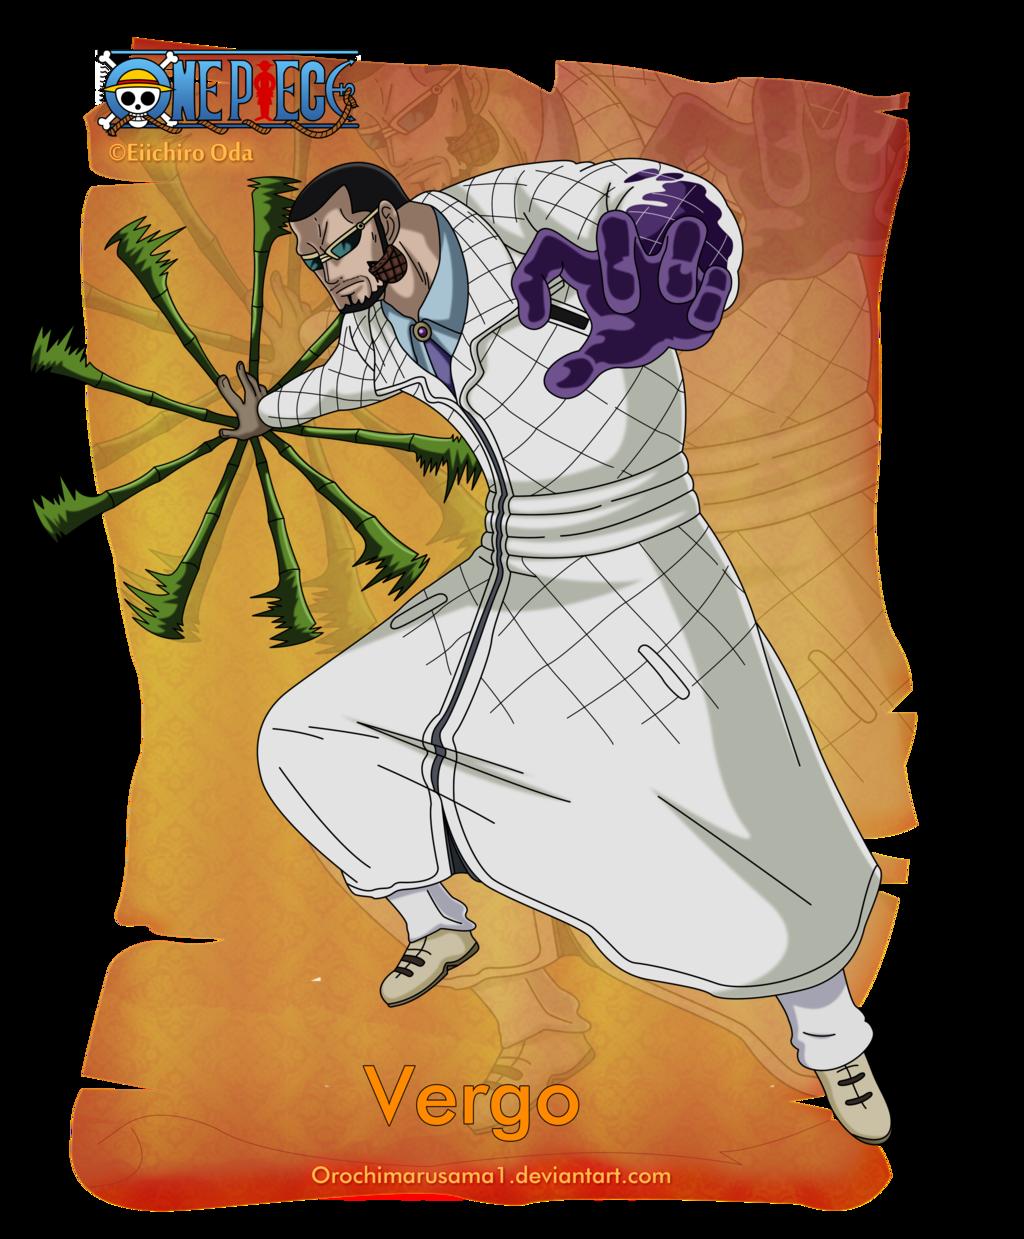 Vergo by orochimarusama1 on deviantART | One piece, One piece anime,  Digital artist